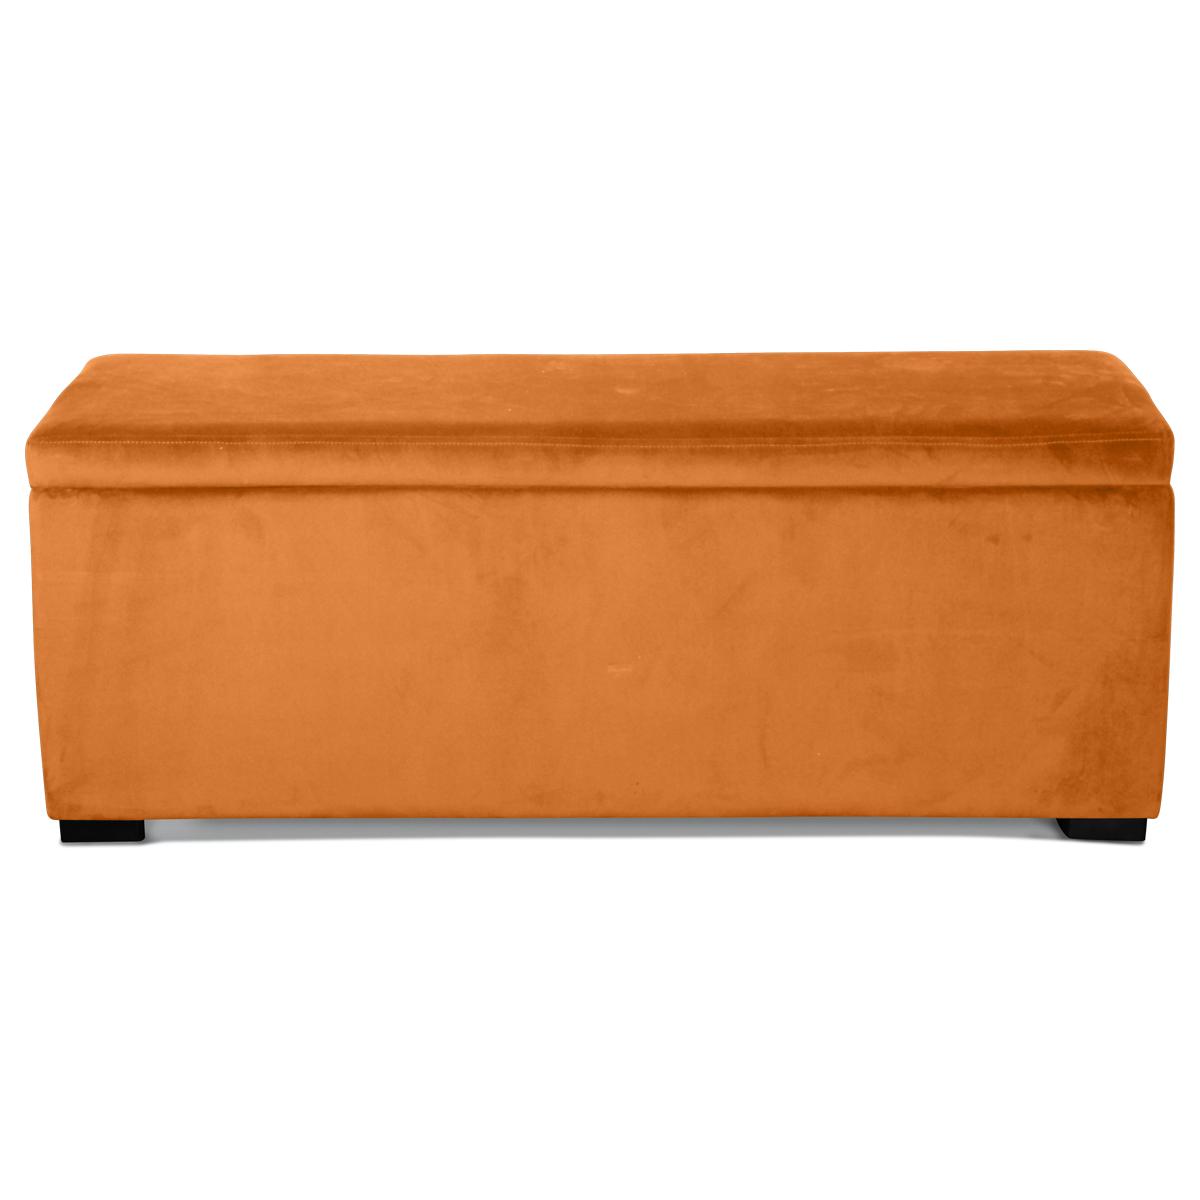 Banquette coffre en velours uni - Indie - 120 x 40 x H 45 cm